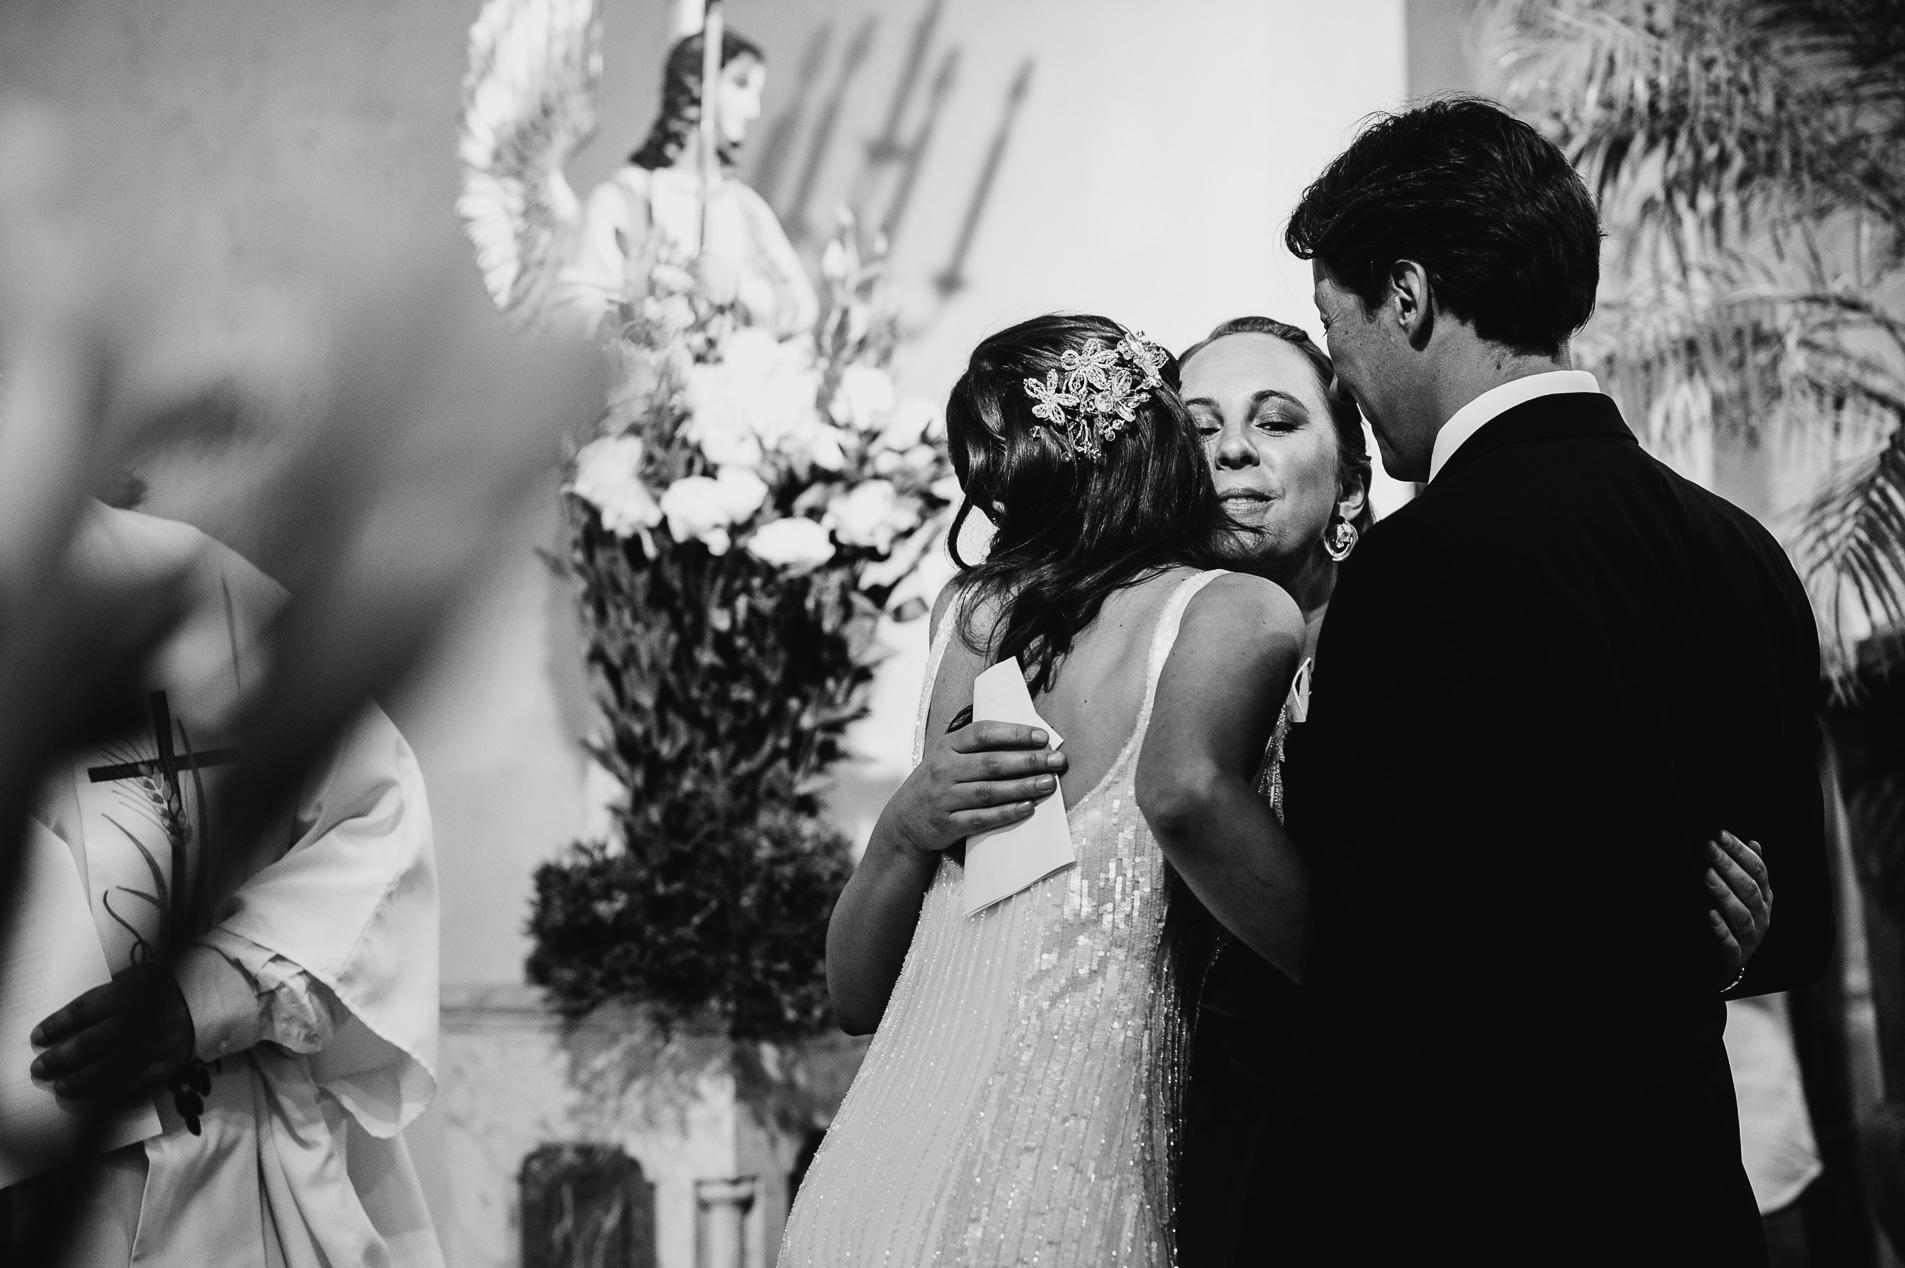 matrimonio-casona-reina-sur-22